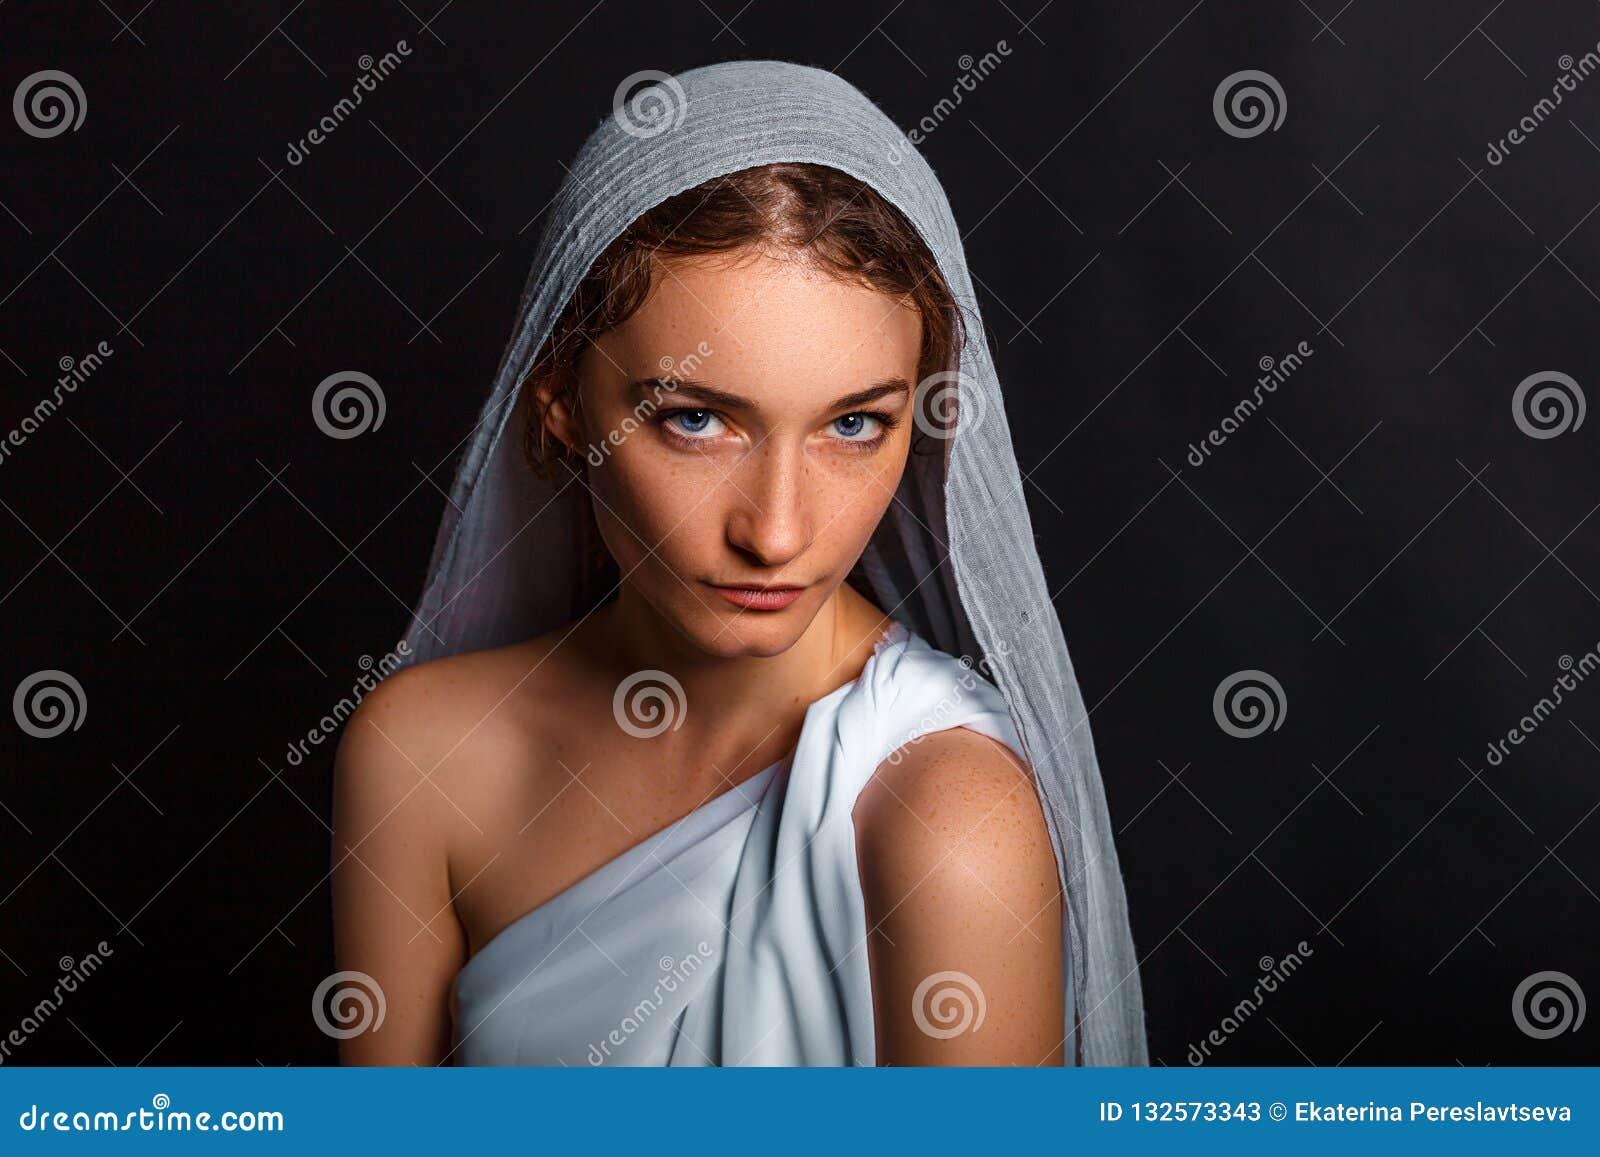 Jovem mulher bonita com um lenço em sua cabeça, e um rosário em suas mãos, olhar humilde, mulher de crença